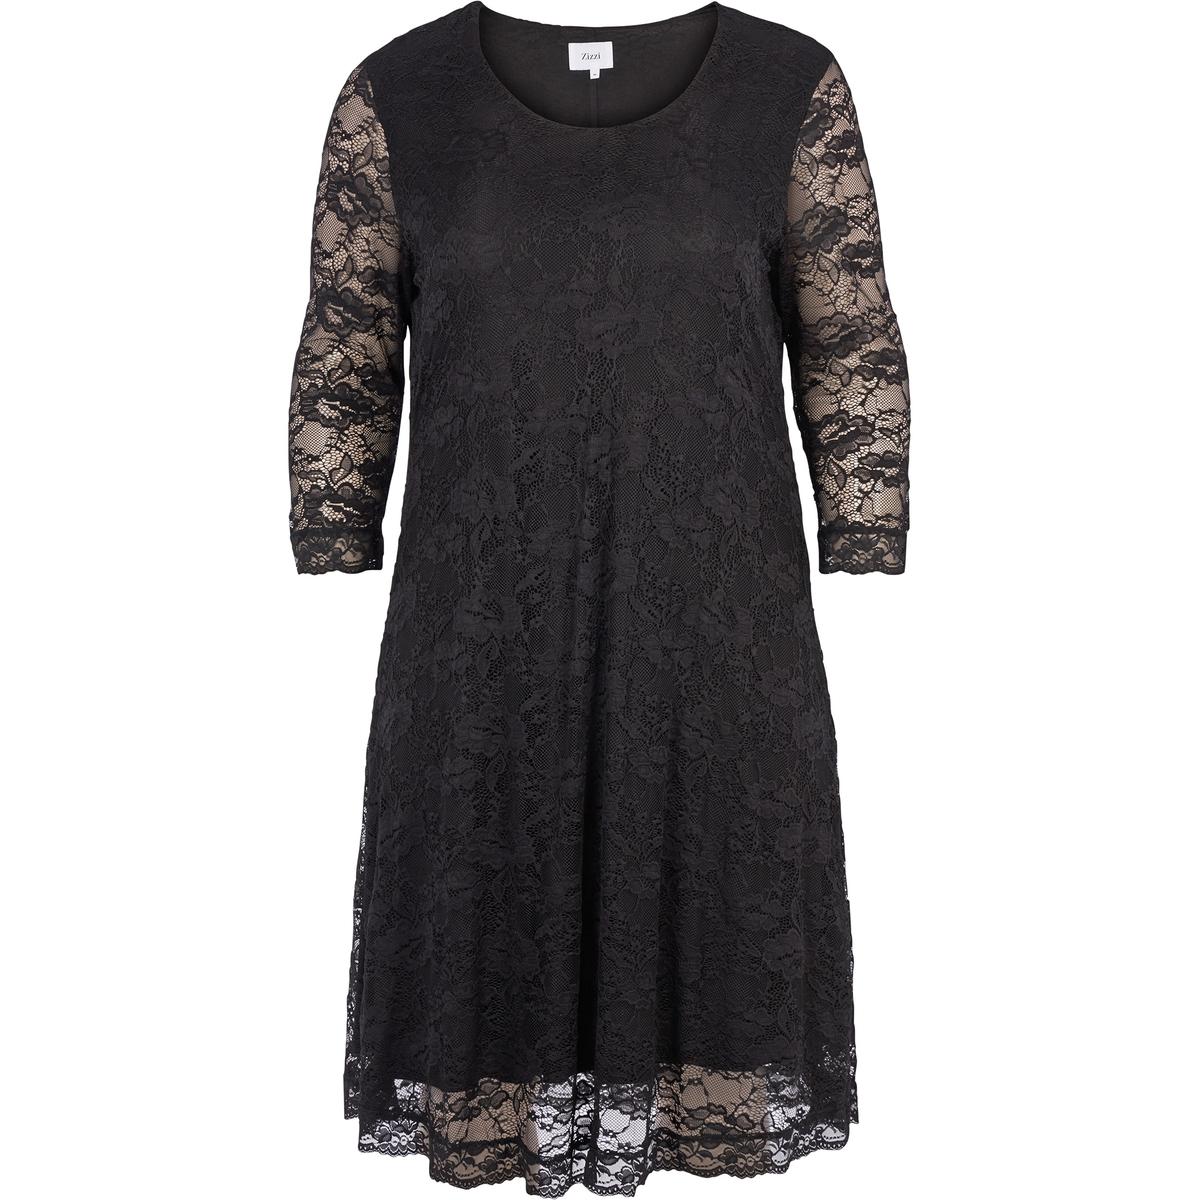 Платье прямое однотонное средней длины, с рукавами 3/4Детали •  Форма : прямая •  Длина до колен •  Рукава 3/4    •   V-образный вырезСостав и уход •  10% эластана, 90% полиамида •  Следуйте советам по уходу, указанным на этикеткеТовар из коллекции больших размеров<br><br>Цвет: черный<br>Размер: 42/44 (FR) - 48/50 (RUS)